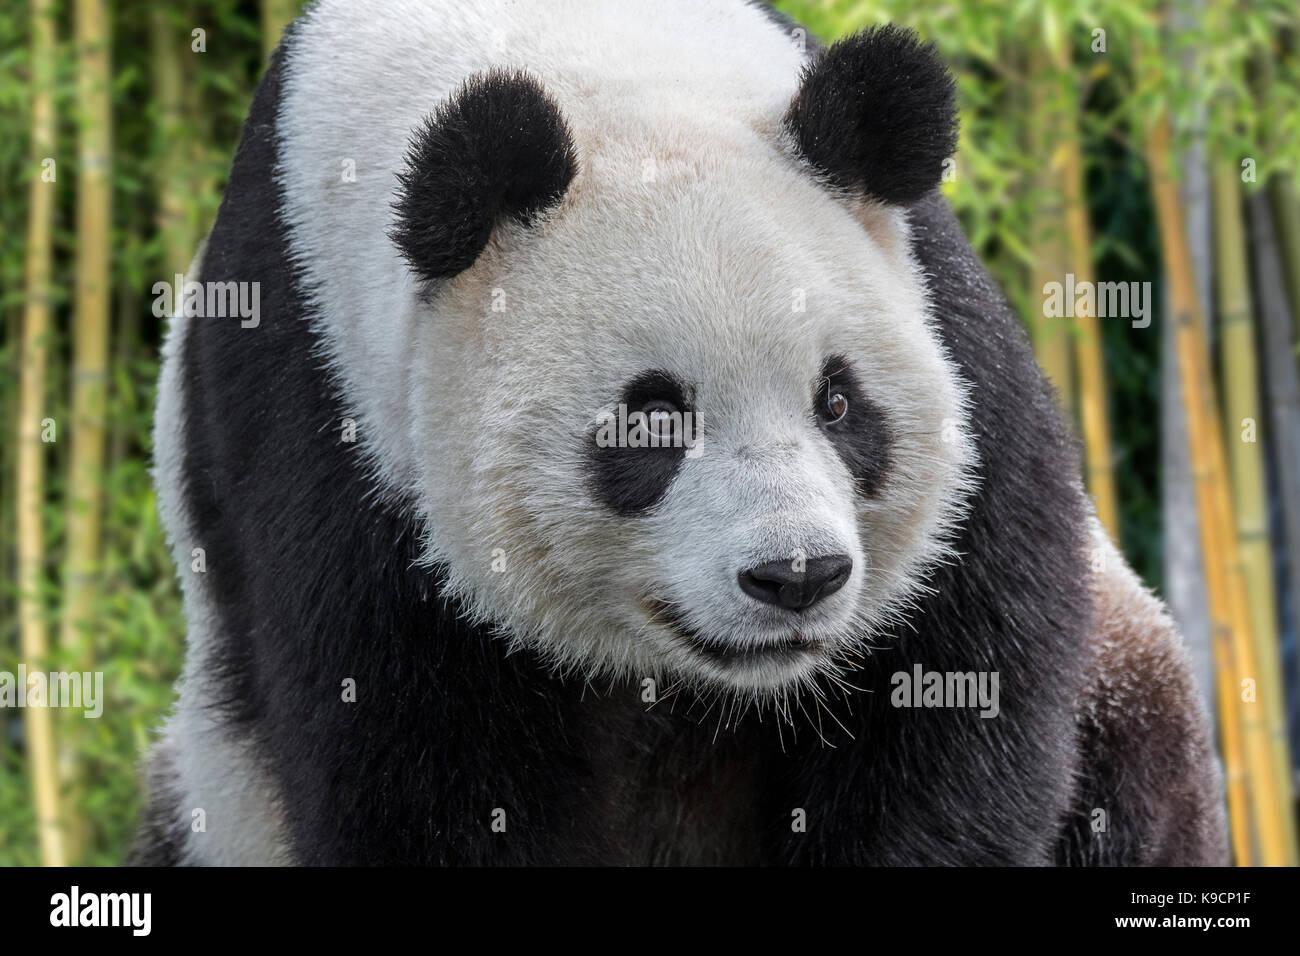 Panda gigante / oso panda (Ailuropoda melanoleuca) cerca de retrato en el bosque de bambú Imagen De Stock